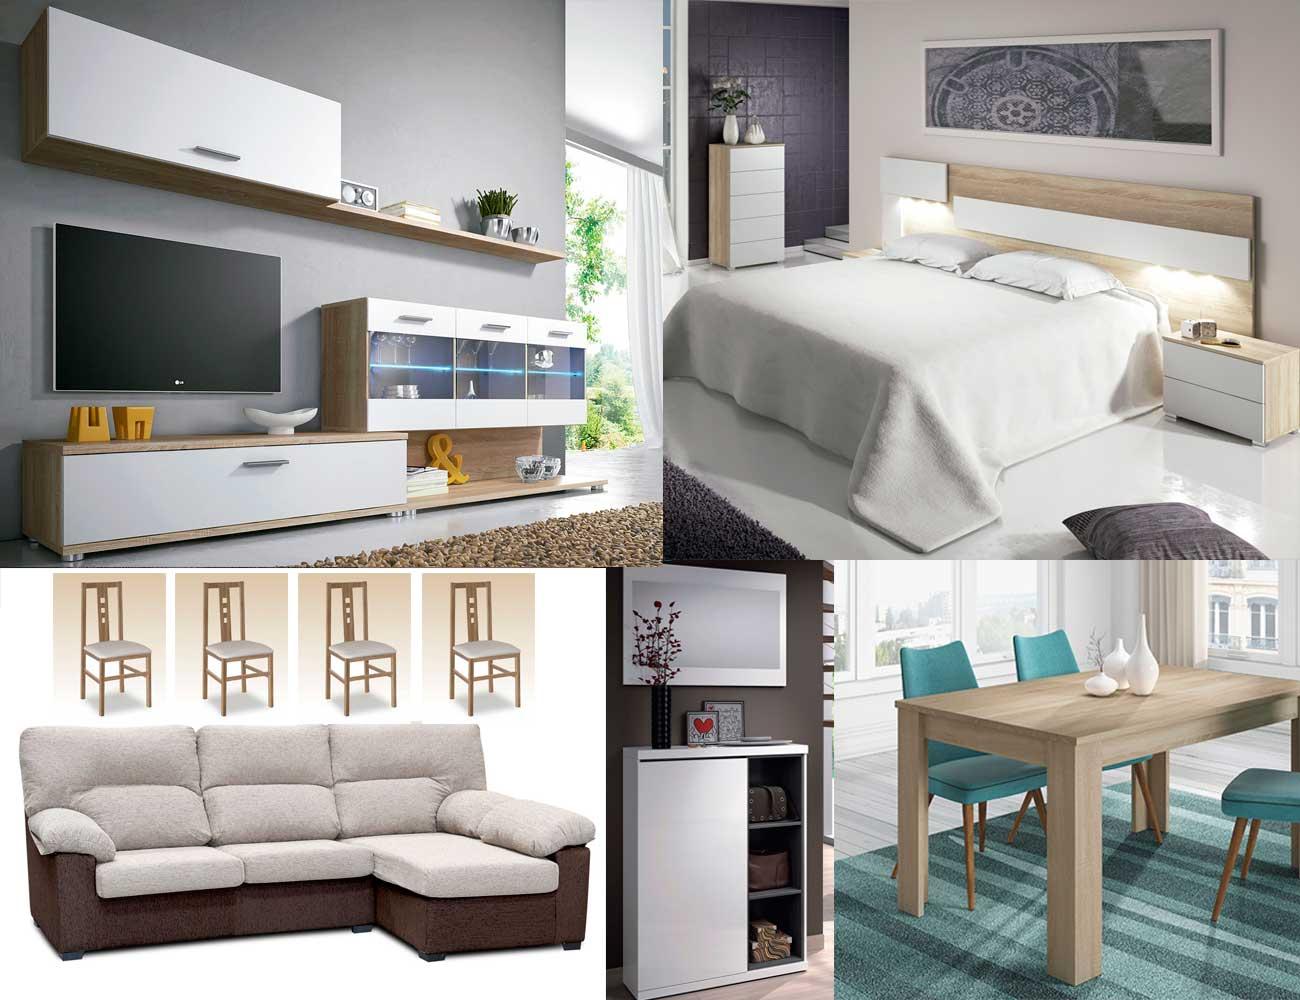 Piso completo ambiente 10 16311 factory del mueble utrera - Muebles piso completo barato ...